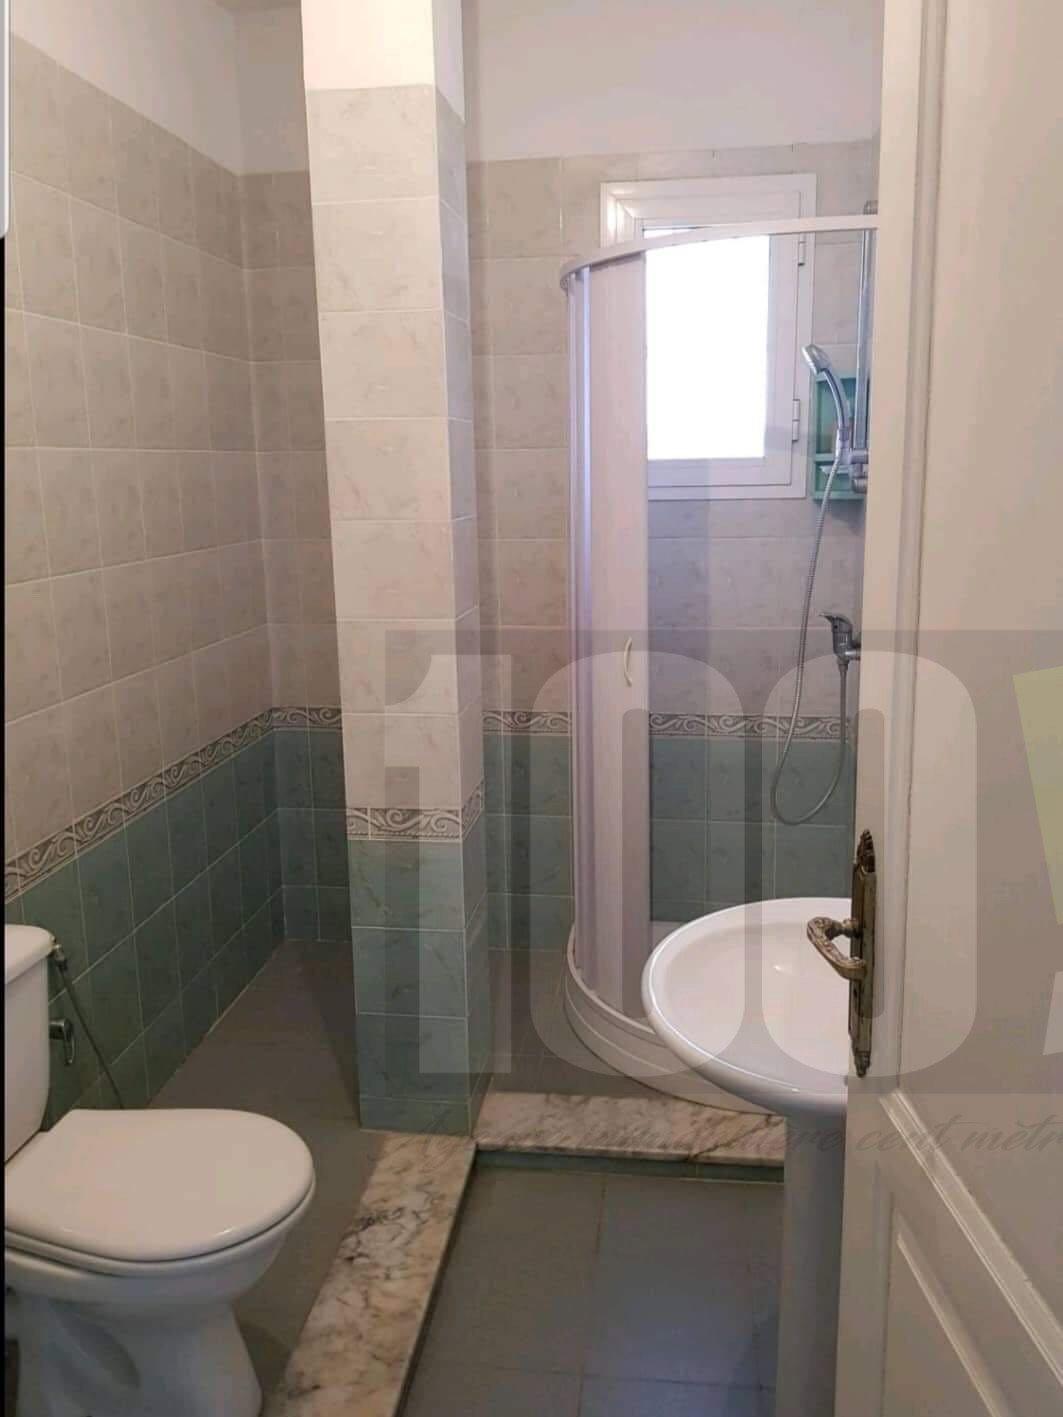 Vente villa de 220 m² à Hammamet